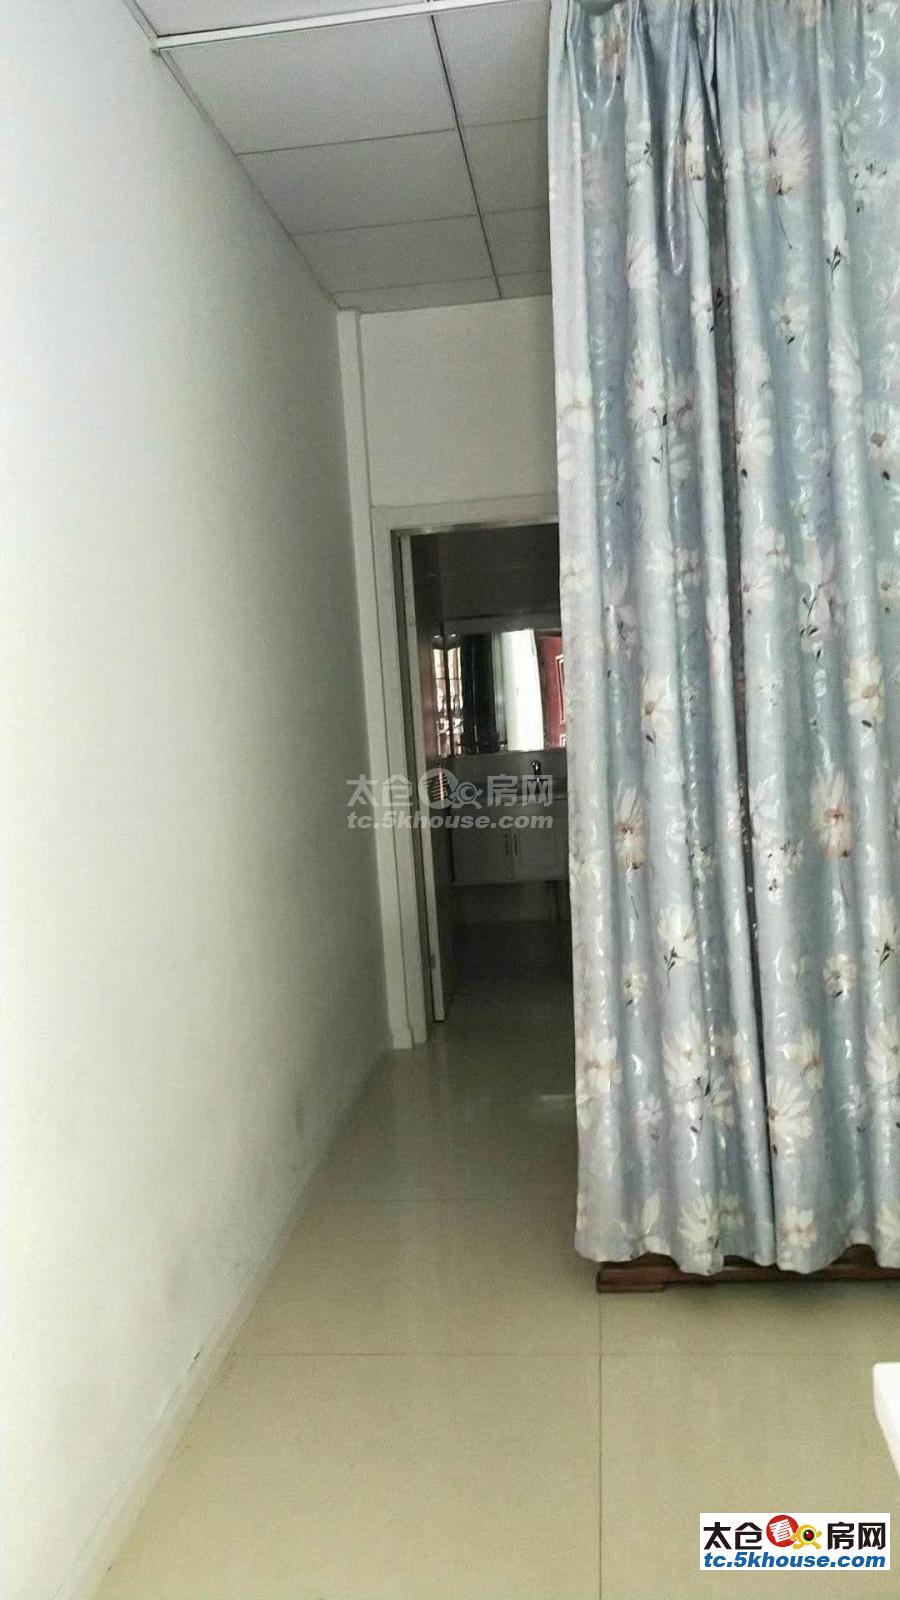 塔桥小区 800元/月 1室1厅1卫,1室1厅1卫 简单装修 ,封闭小区,有钥!